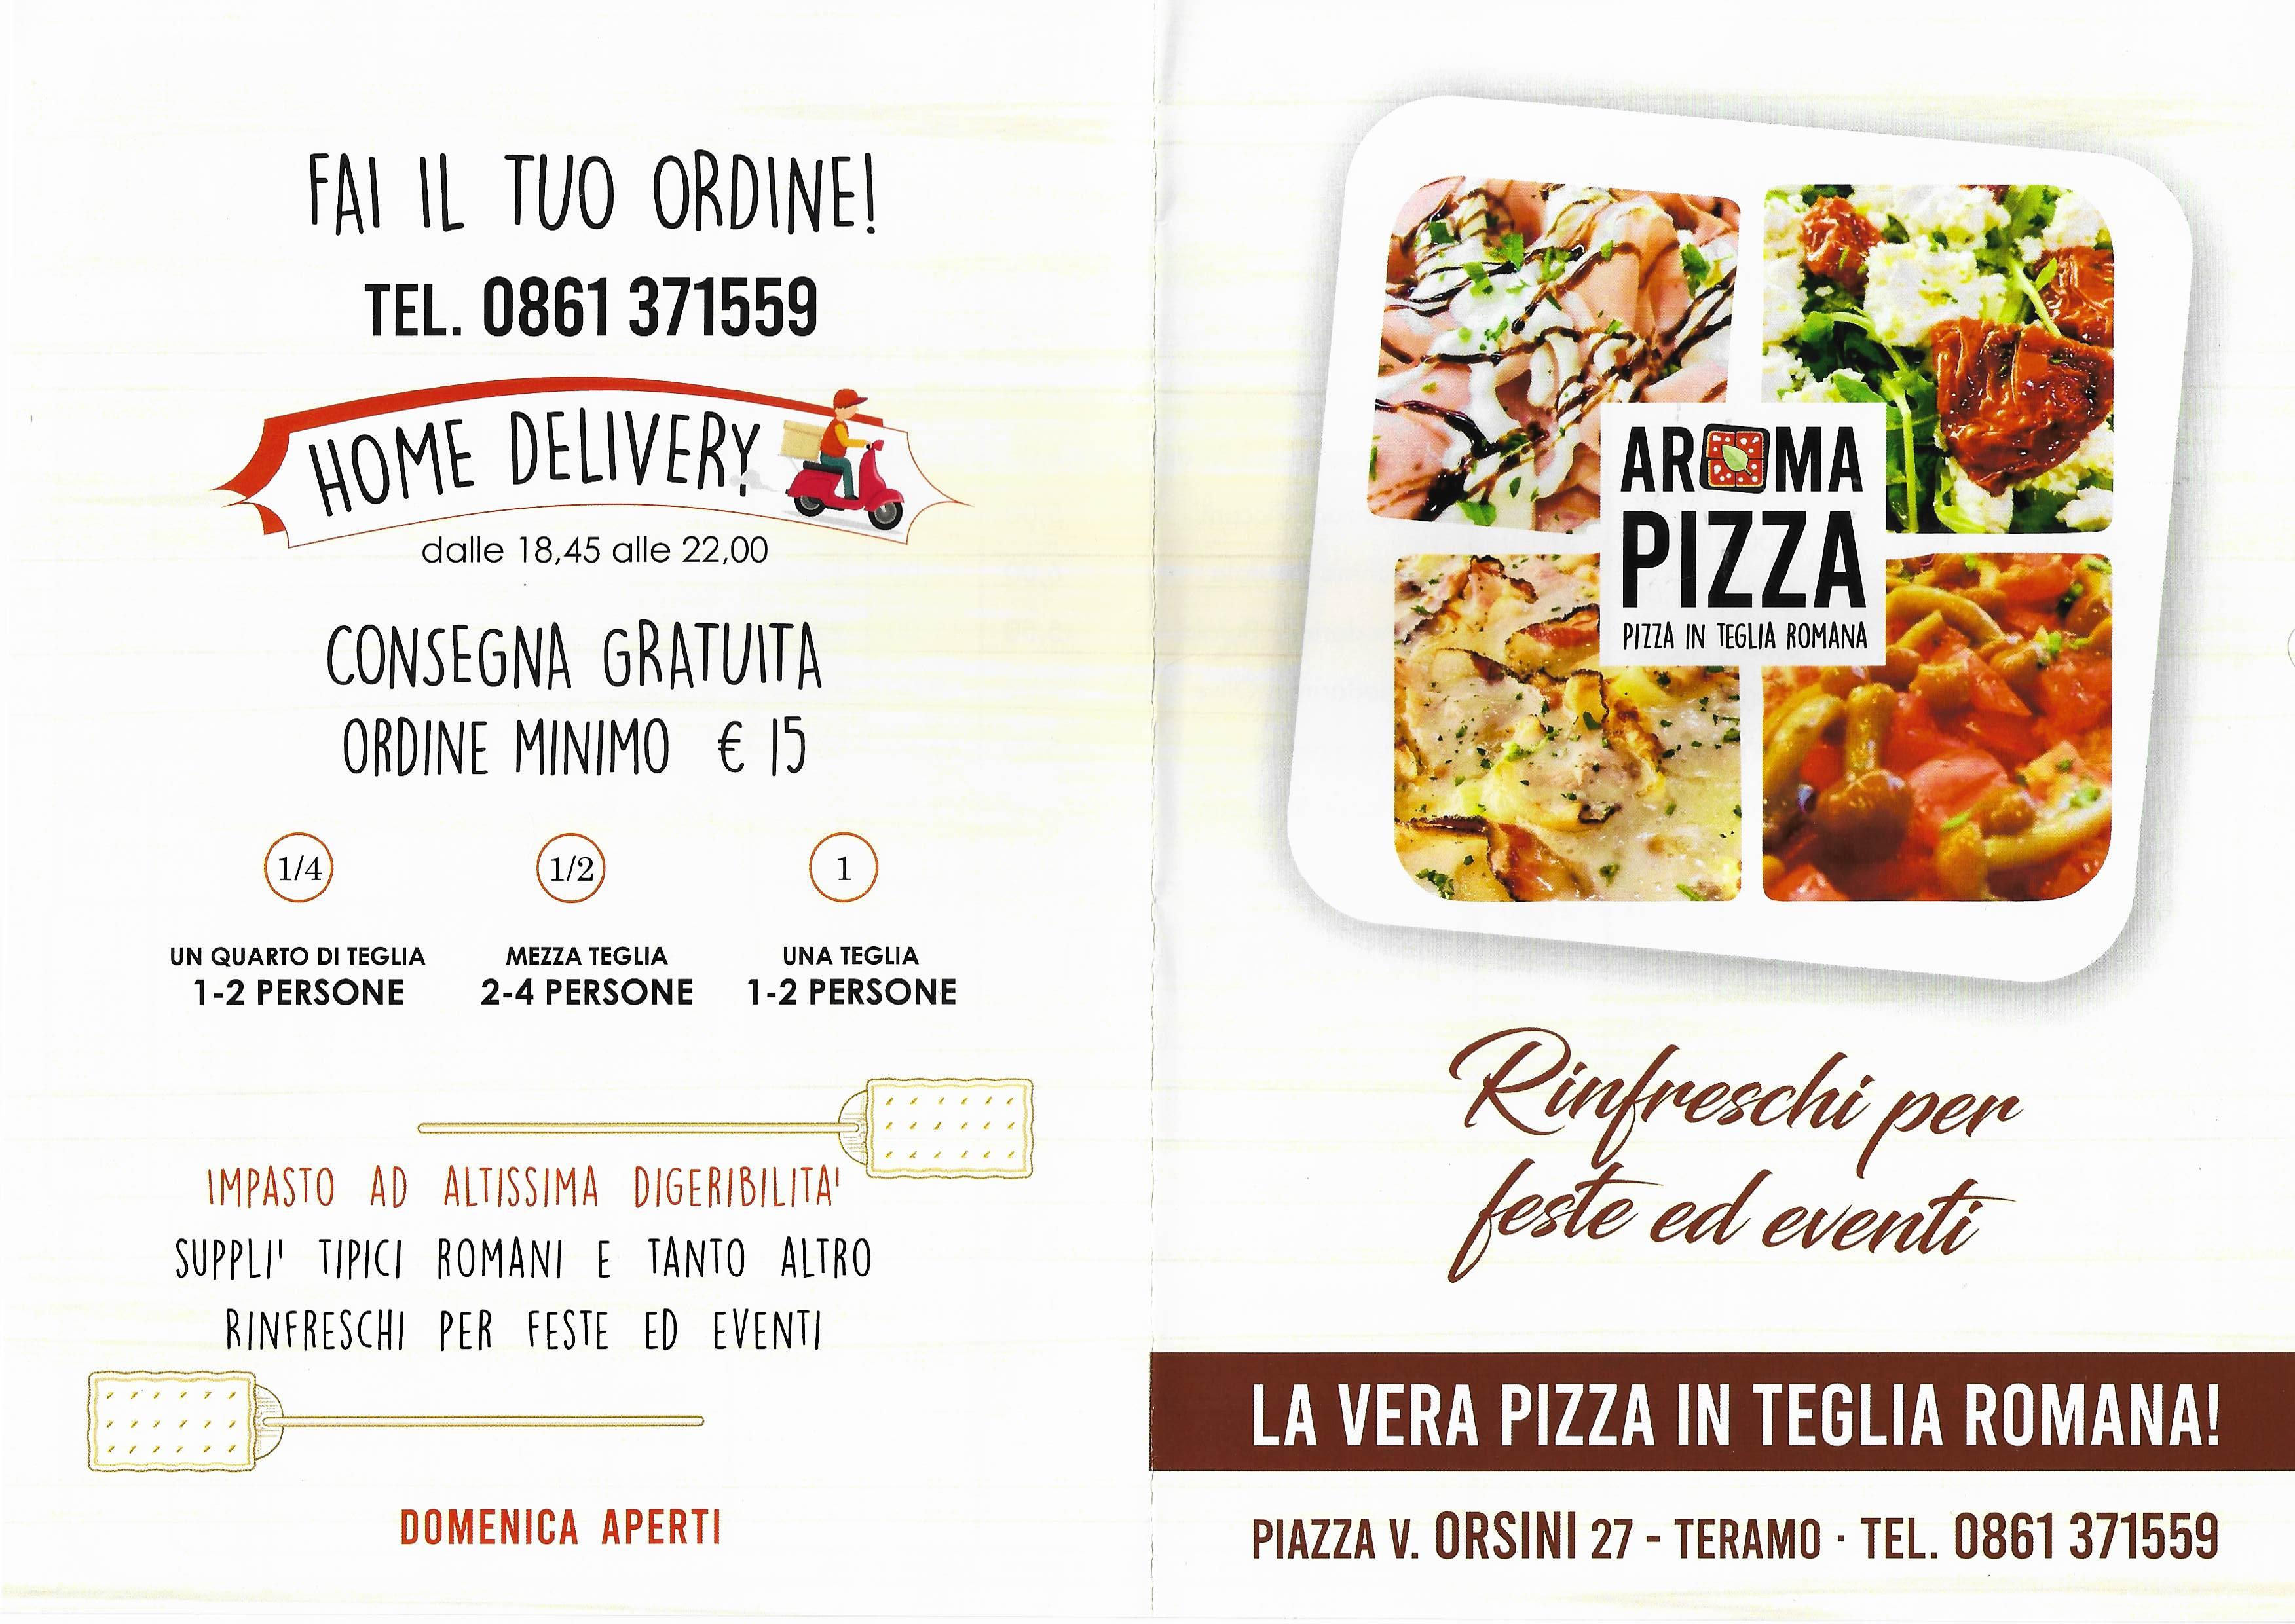 aroma pizzeria teramo